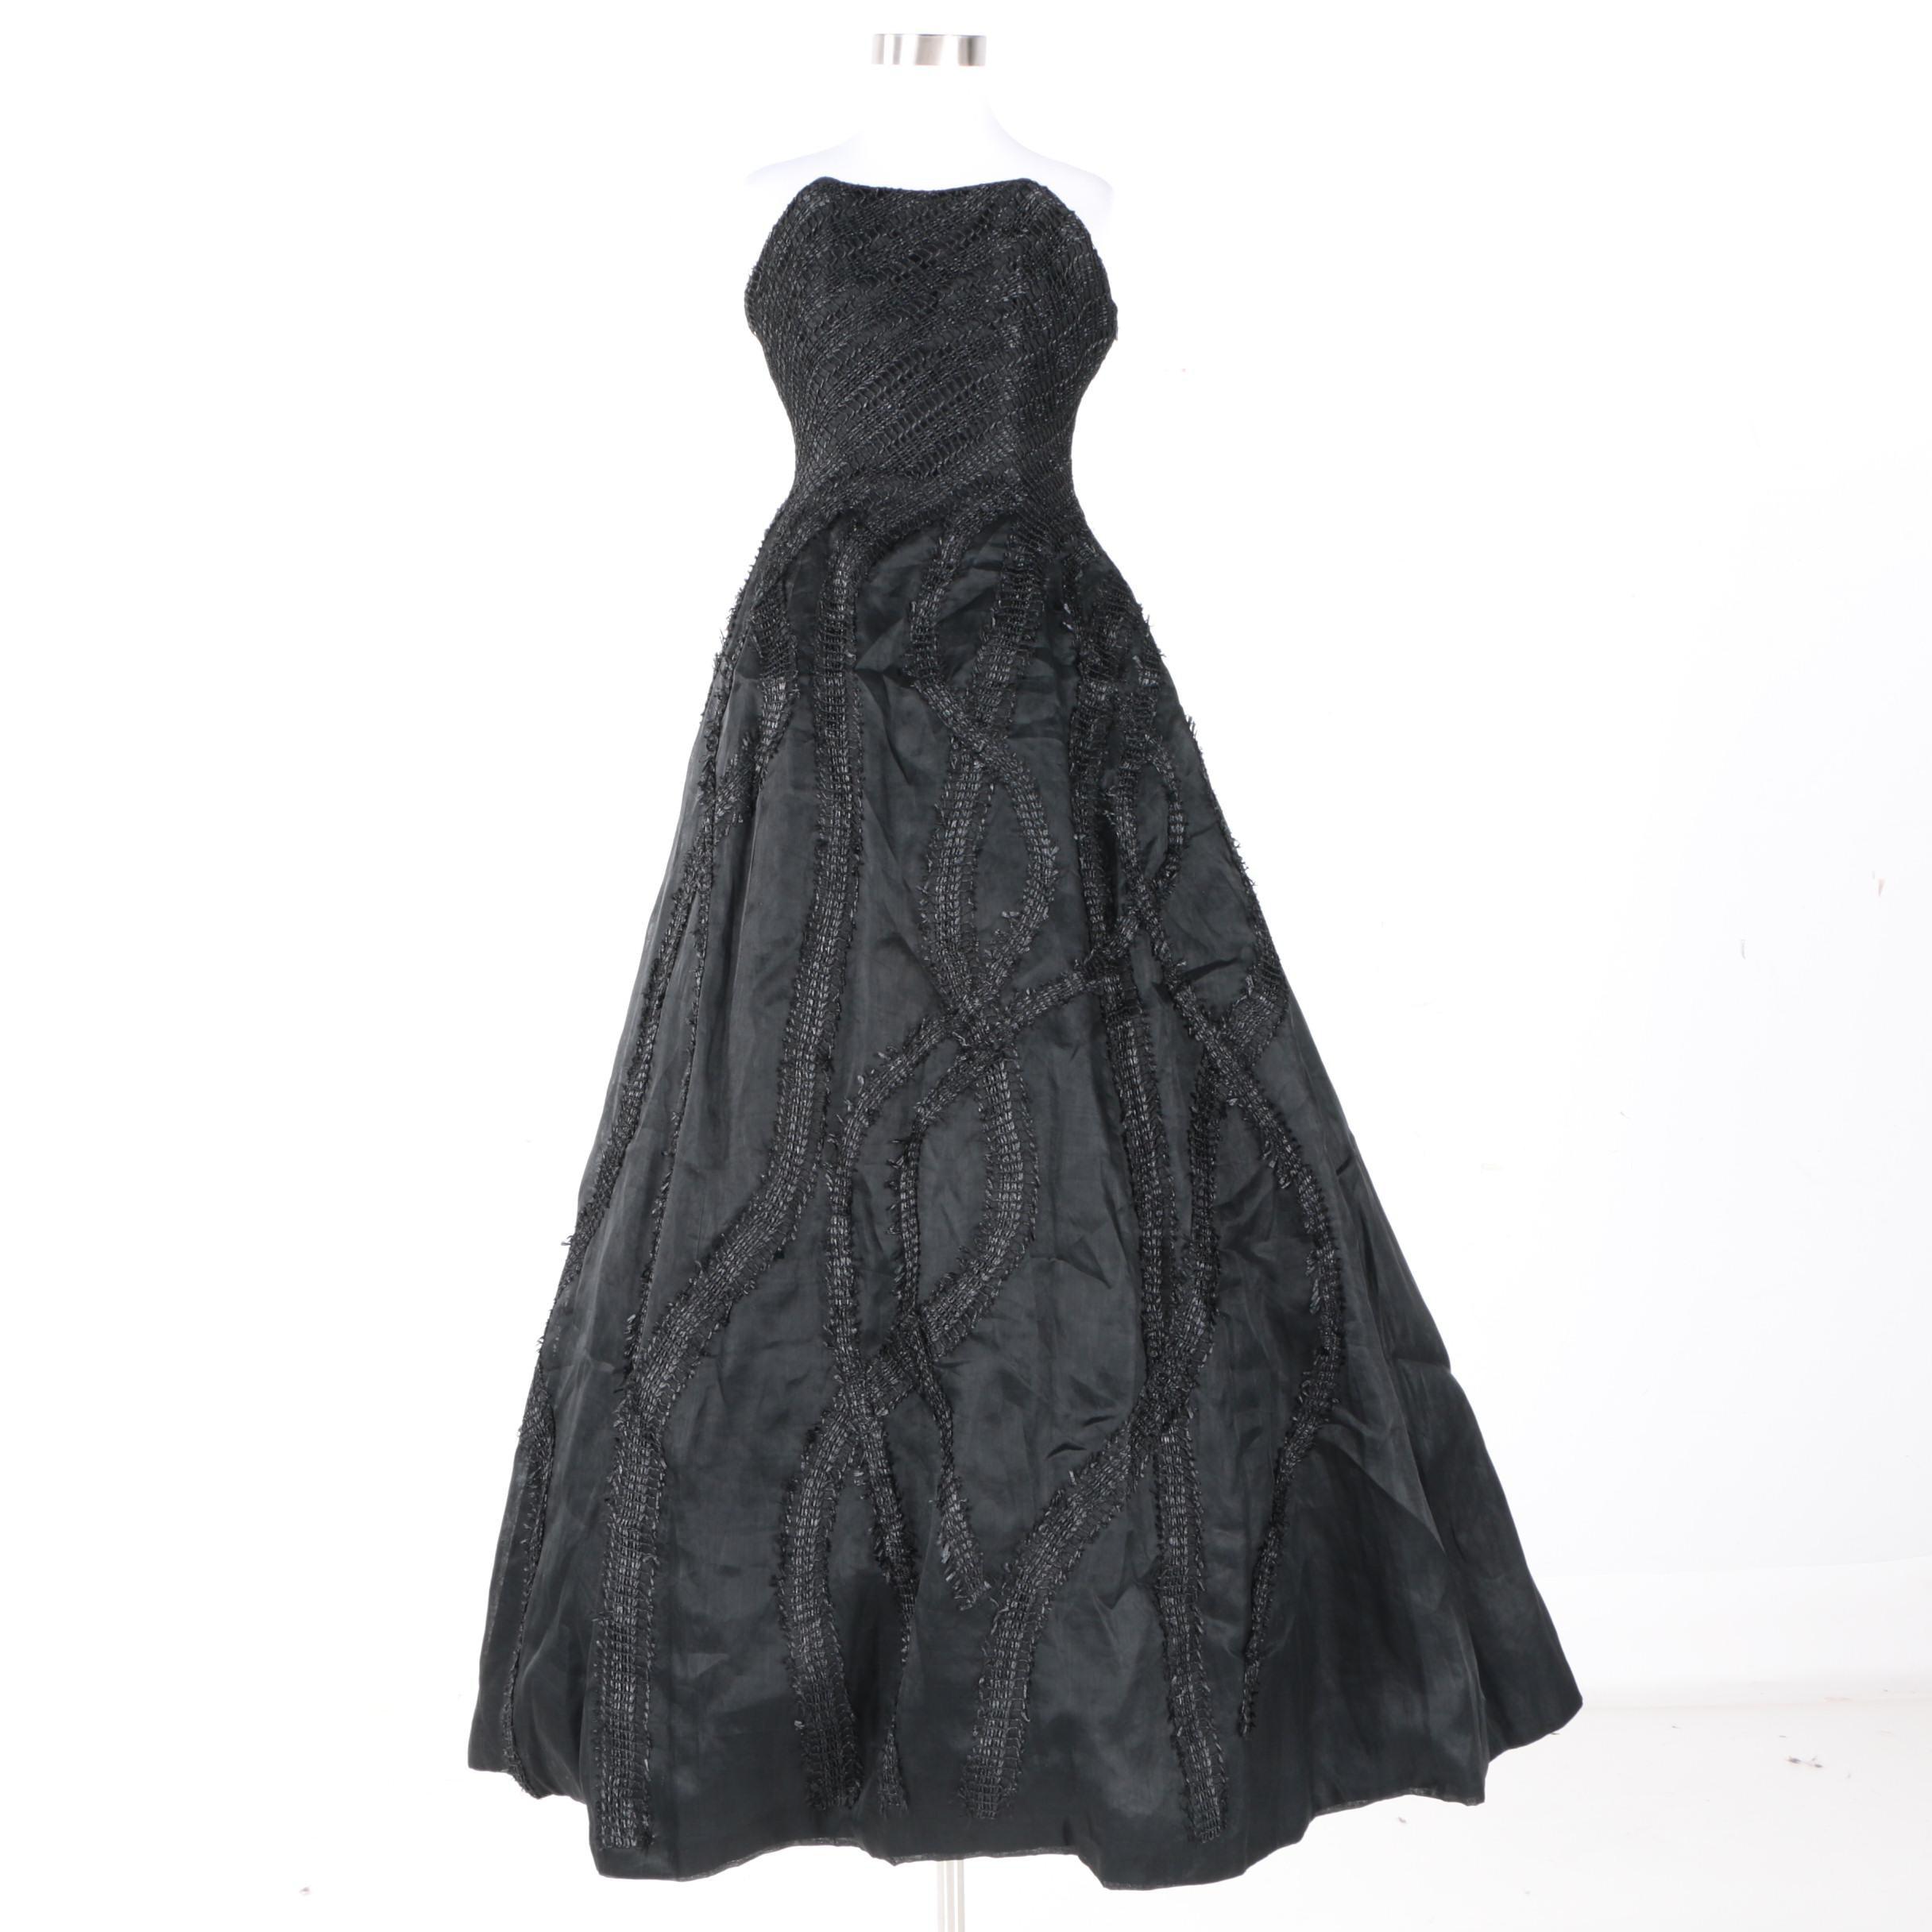 David Fielden Black Strapless Formal Gown